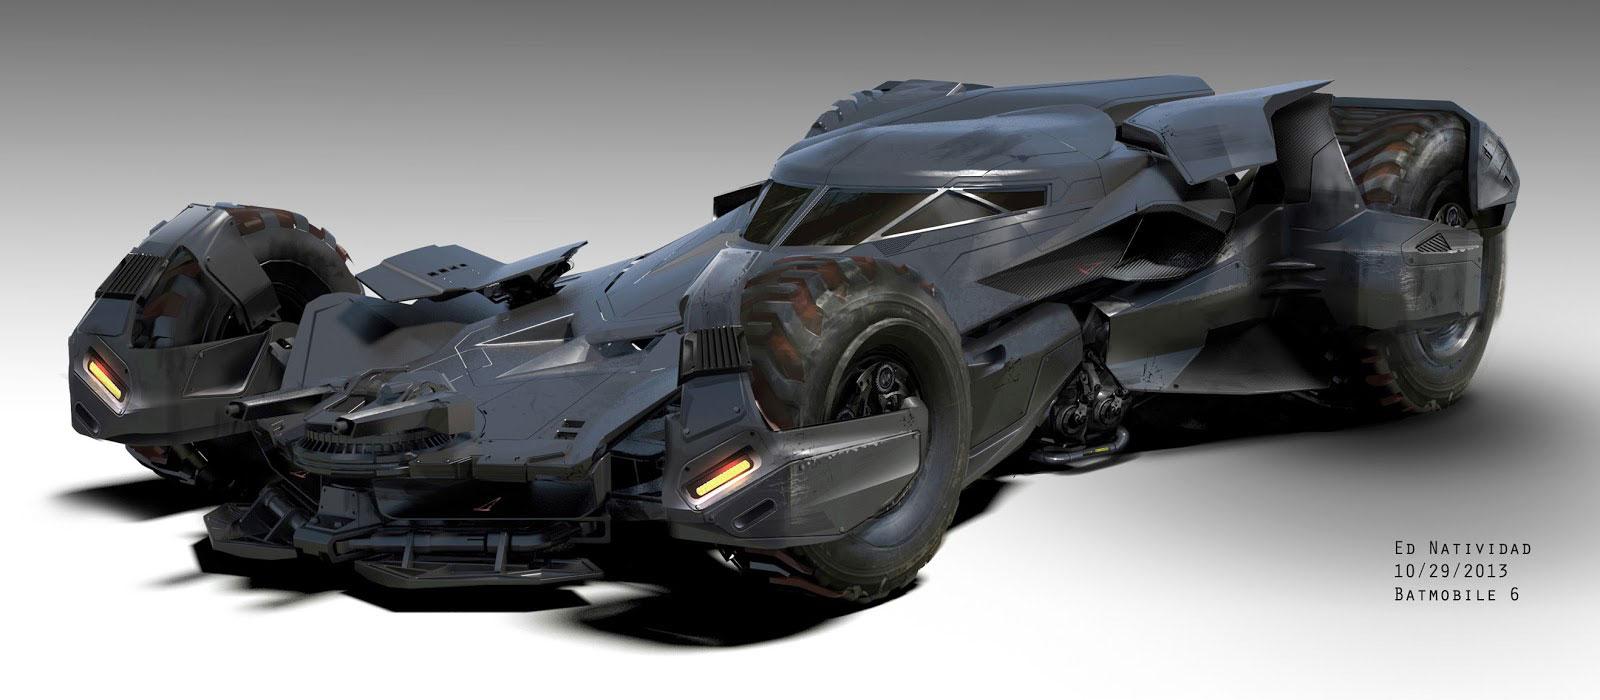 Batmobile és Batbarlang koncepciók